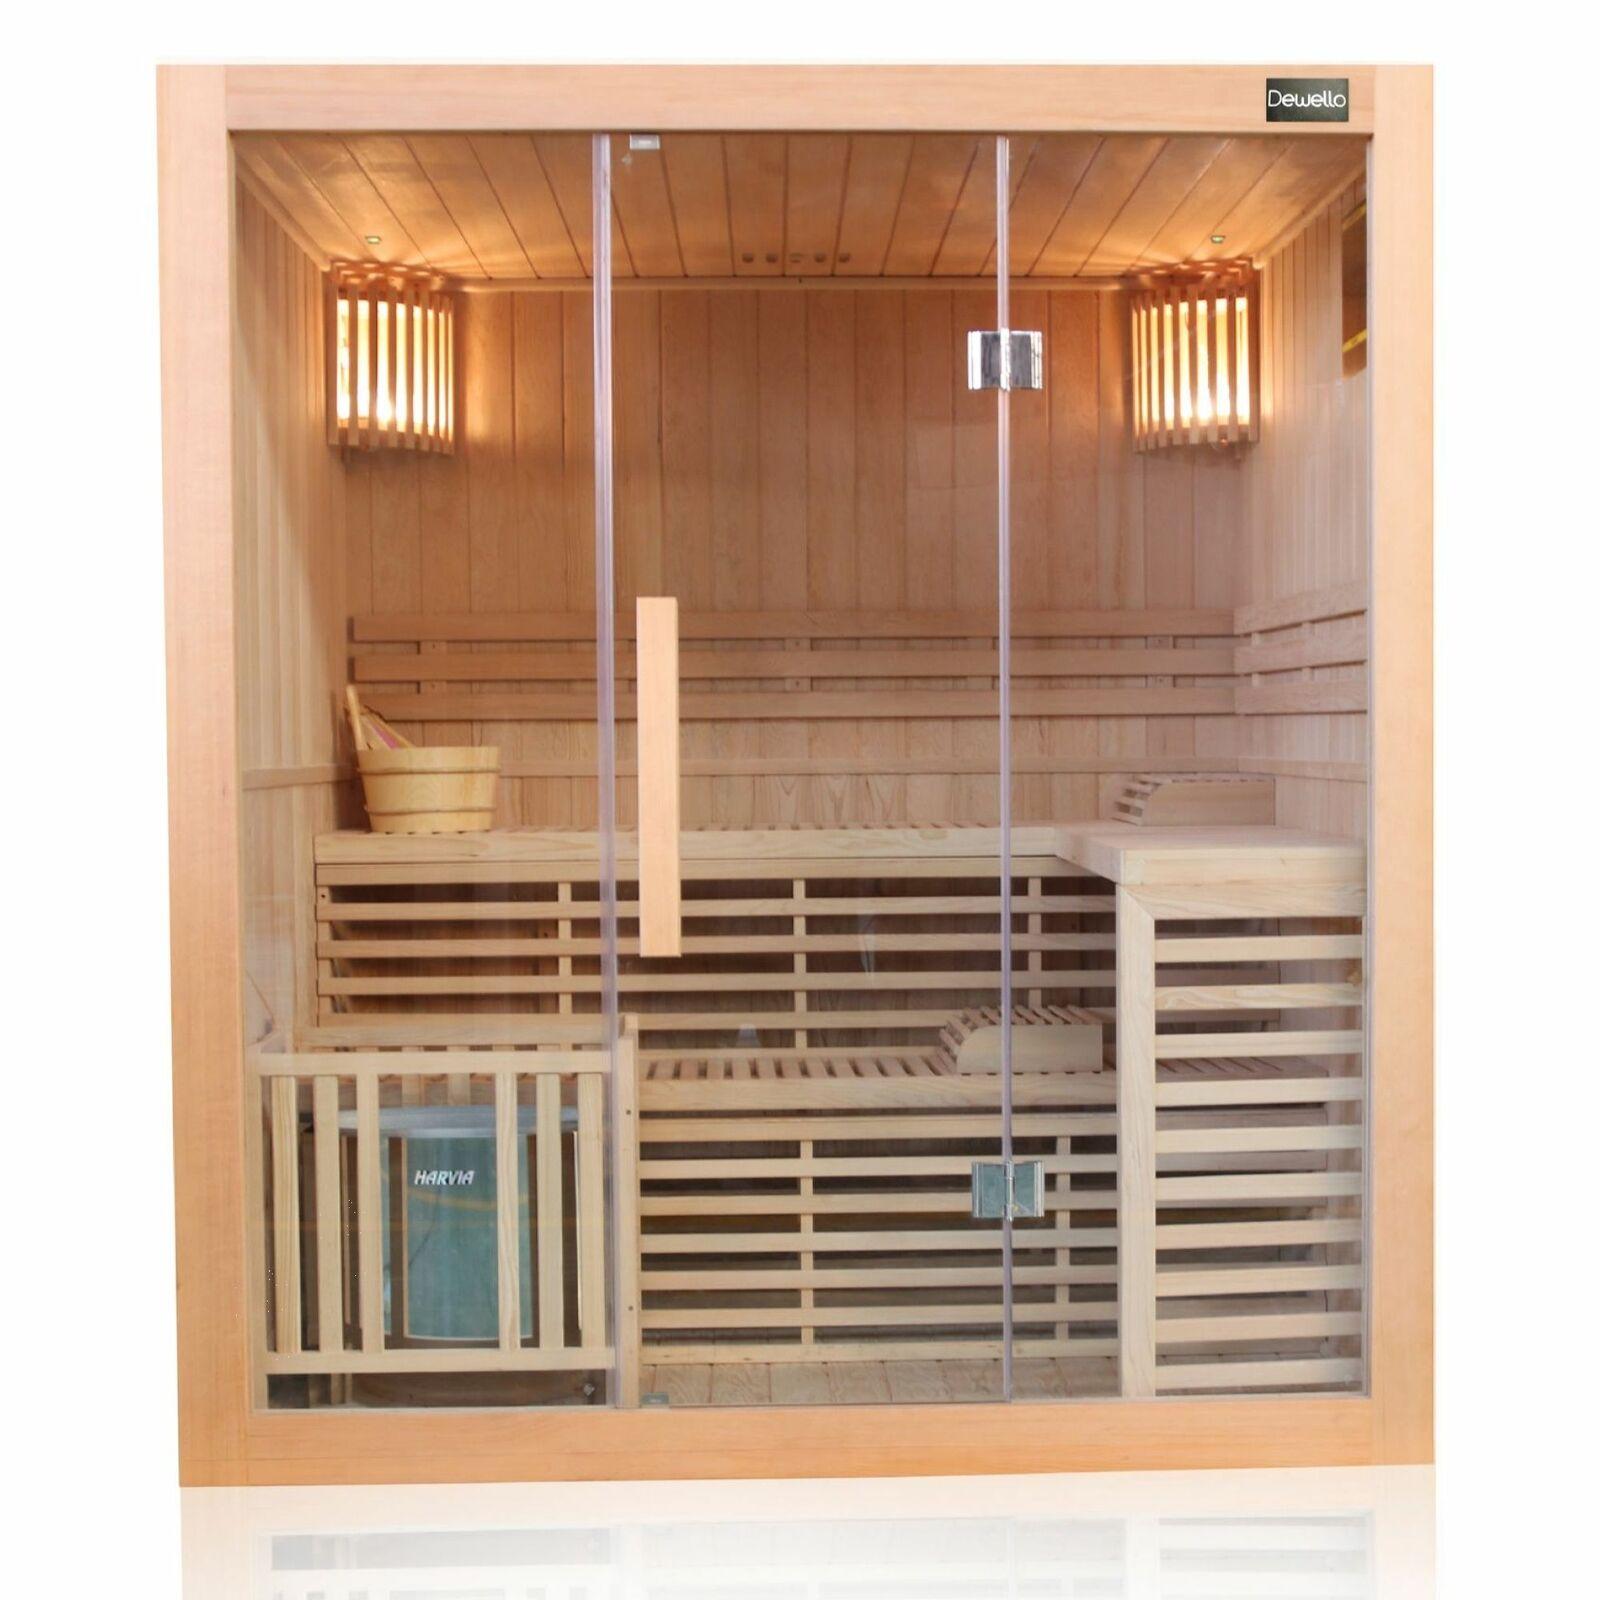 Finnische Traditionelle Sauna Saunakabine Ecksauna Komplettsauna Massivholz